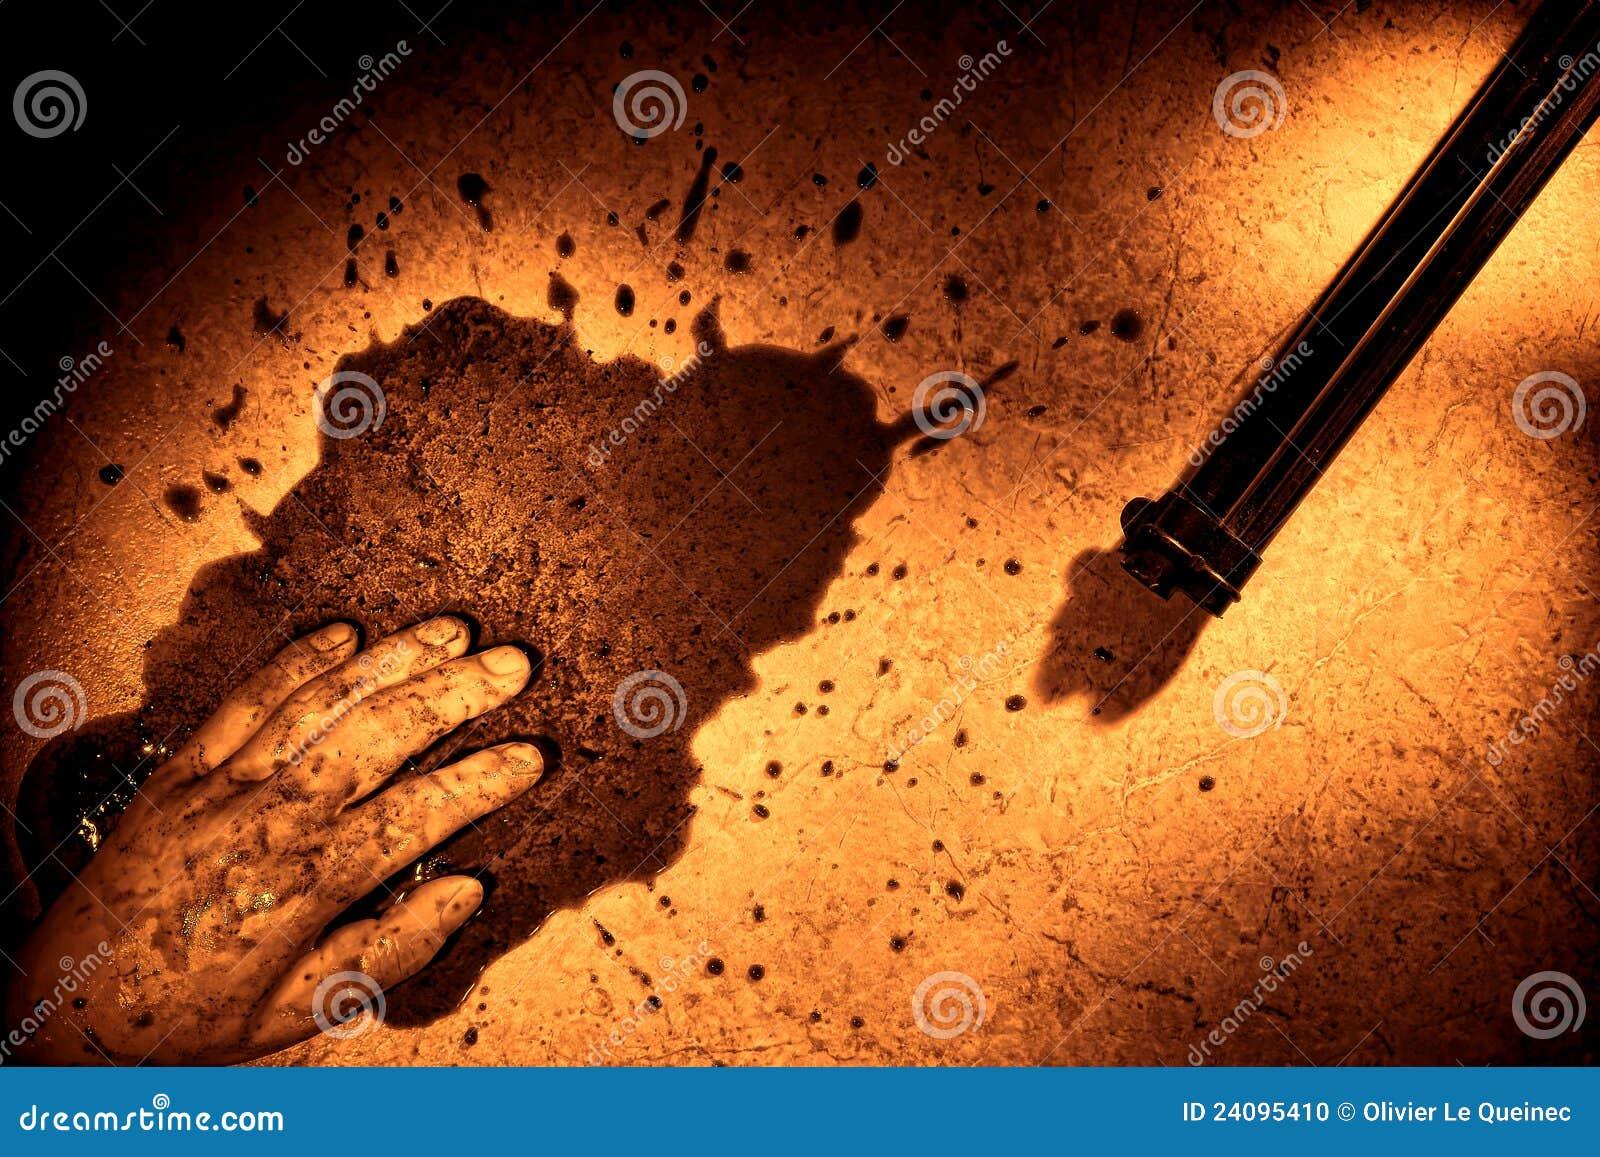 De Hand van de overledene met Bloed ploetert en moord Kanon